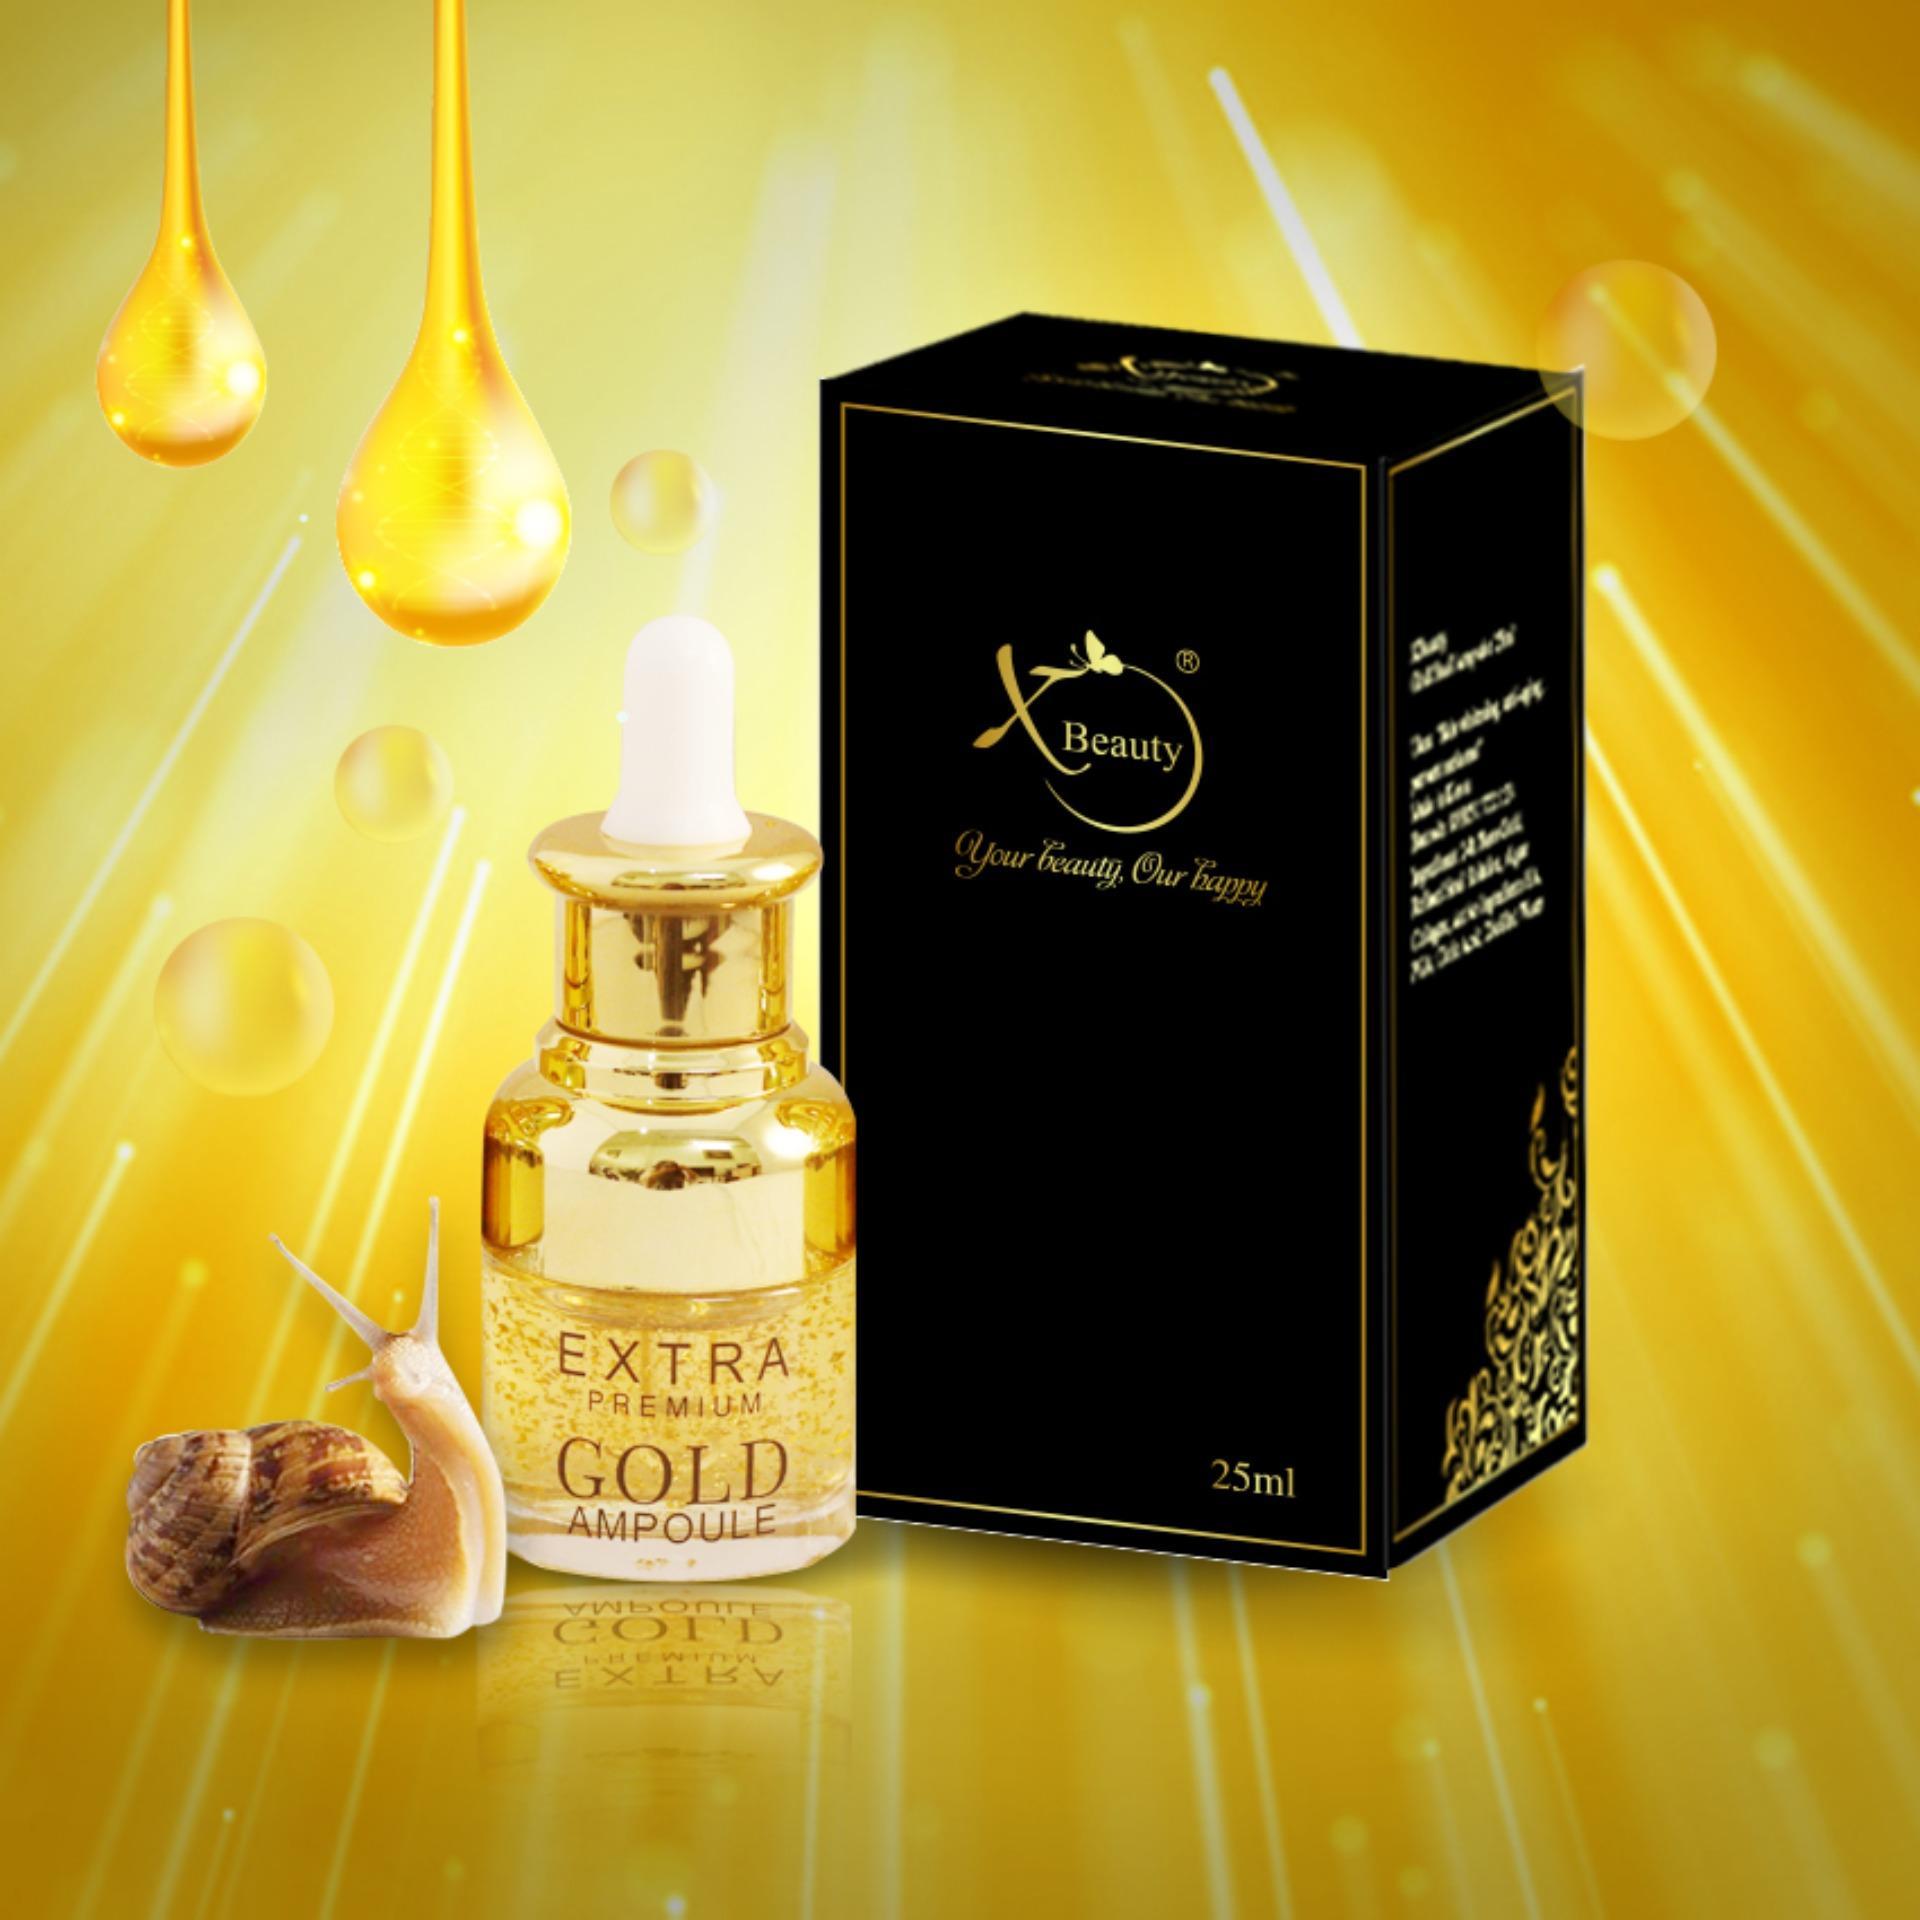 Serum Ốc Sên XBeauty Gold Snail Ampoule 25ml/20ml Hàn Quốc - Serum Ốc Sên Gold Perfect skin care chăm sóc da hoàn hảo XBeauty Gold Snail Ampoule có 2 dung tích 20ml và 25ml